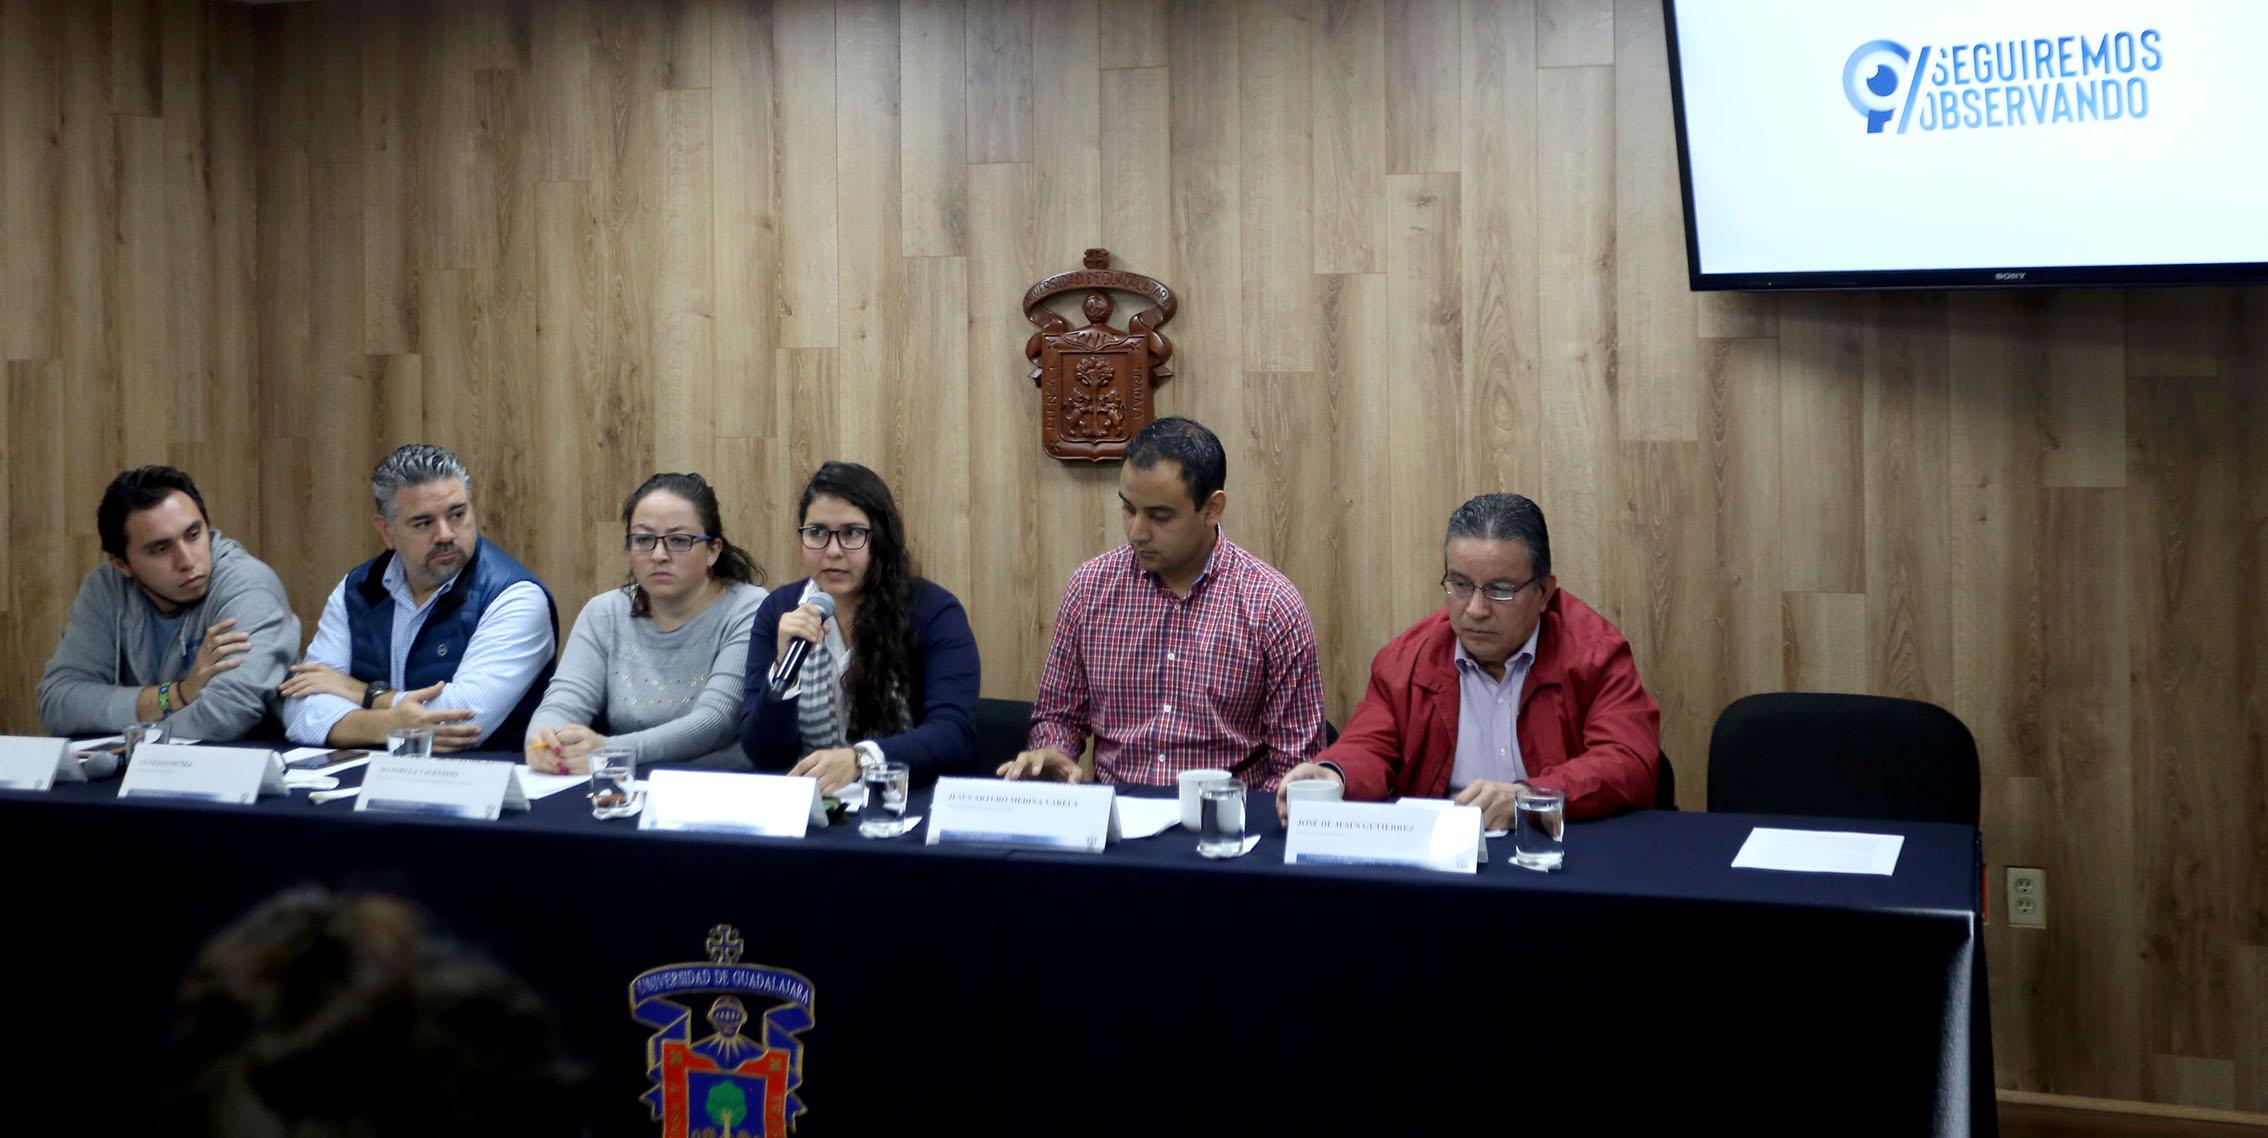 Ana Belén Vázquez Vázquez hablando con los reporteros mientras el resto de la mesa de presidium la escucha